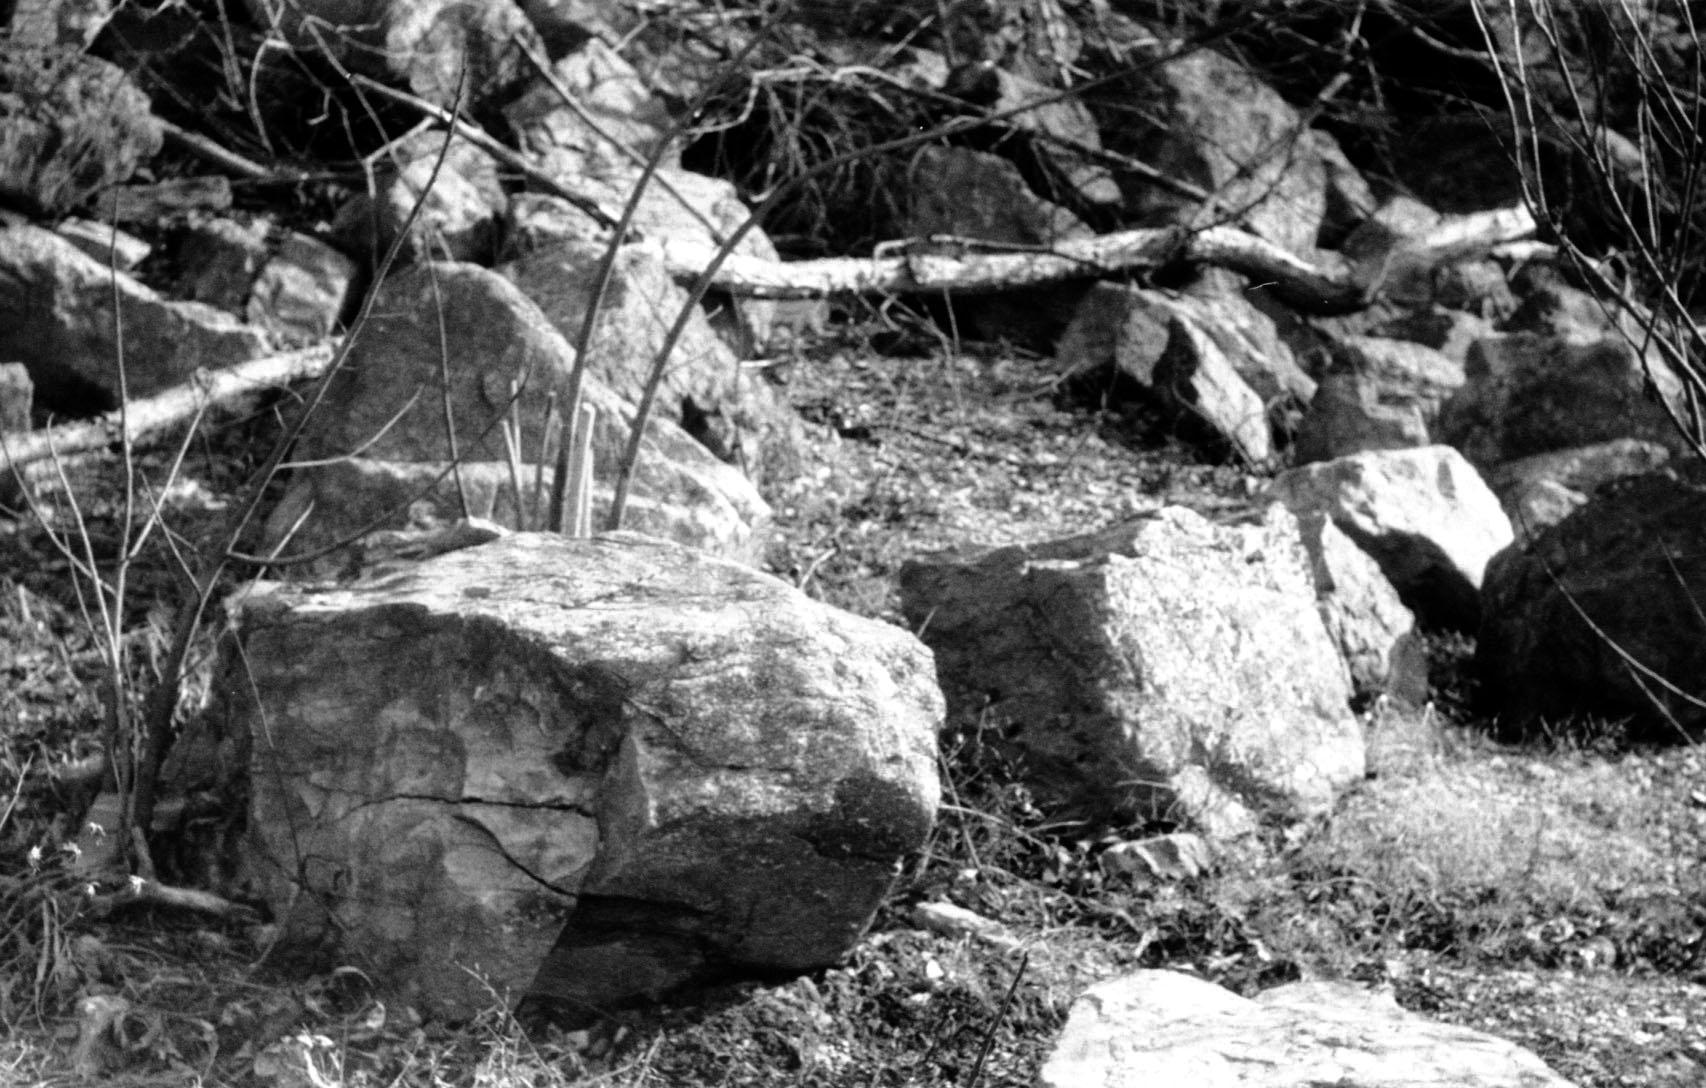 rocks_closeup.jpg